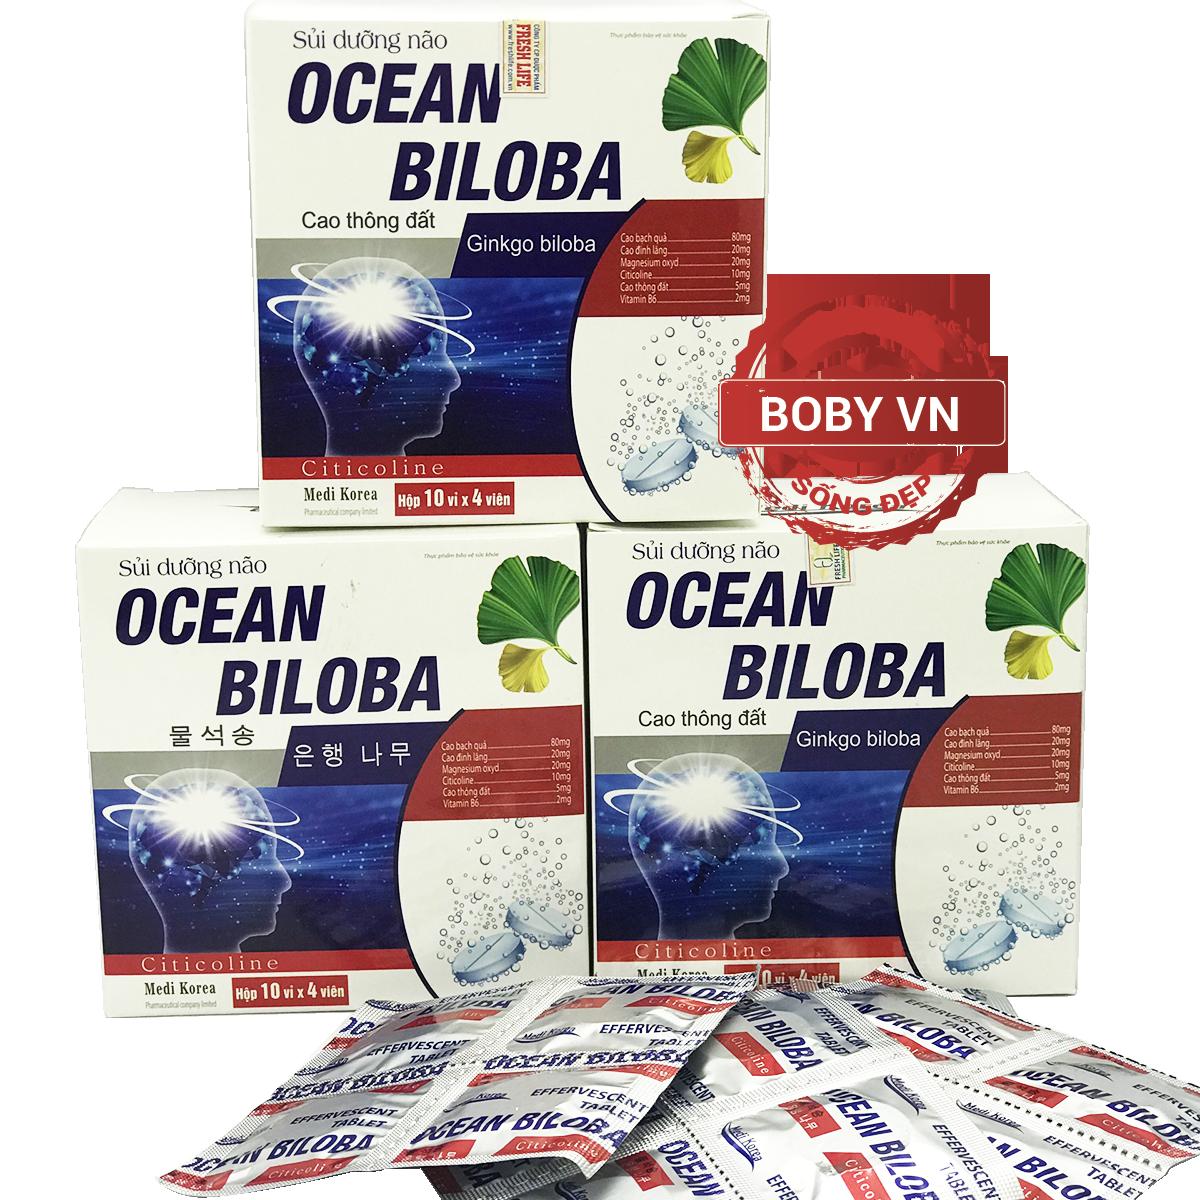 Viên sủi hoạt huyết dưỡng não Ocean Biloba tăng cường tuần hoàn não - Chính hãng